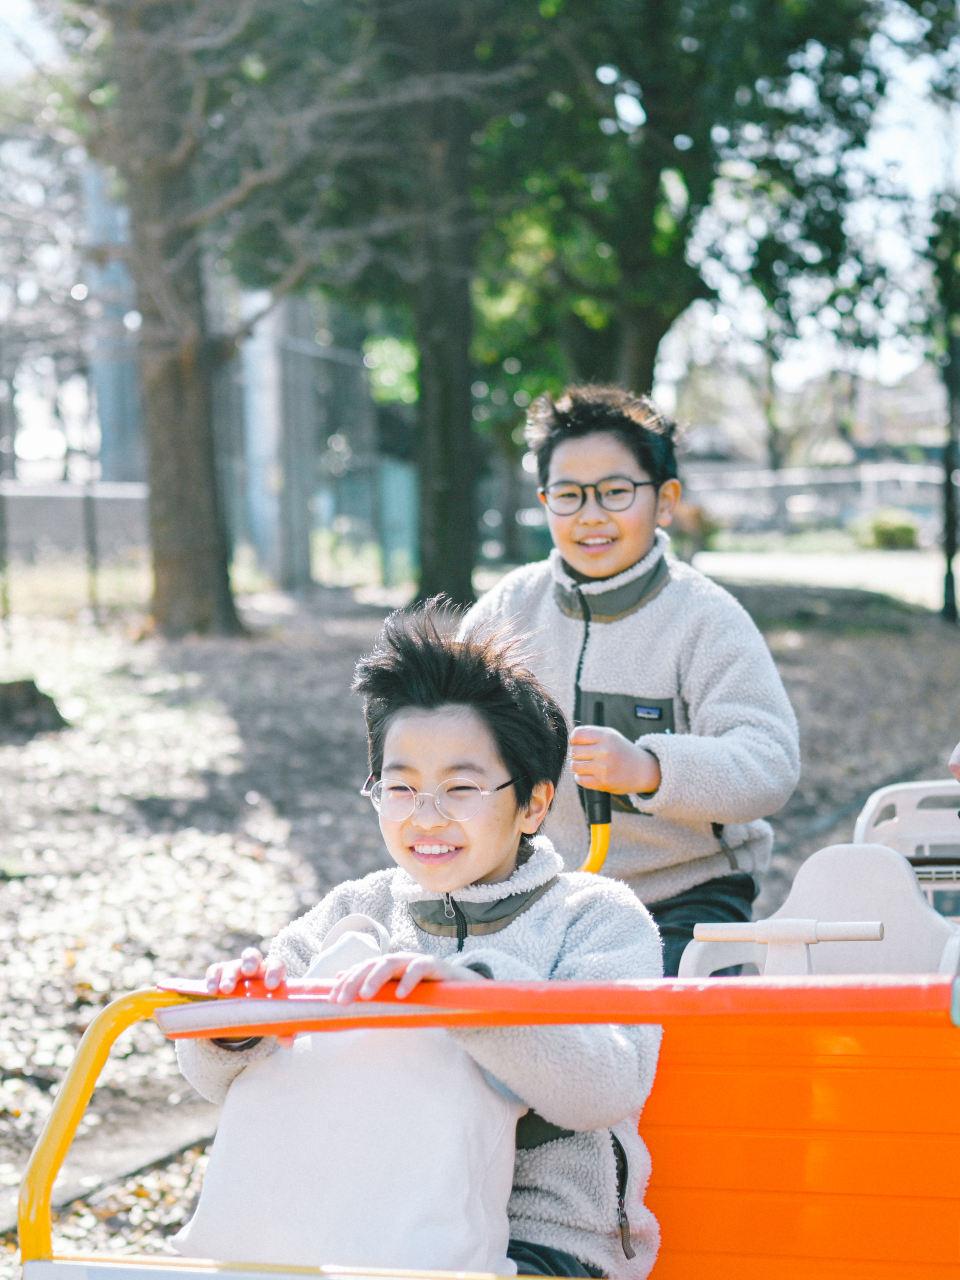 photo by 嵐田大志/Z 7、NIKKOR Z 35mm f/1.8 S